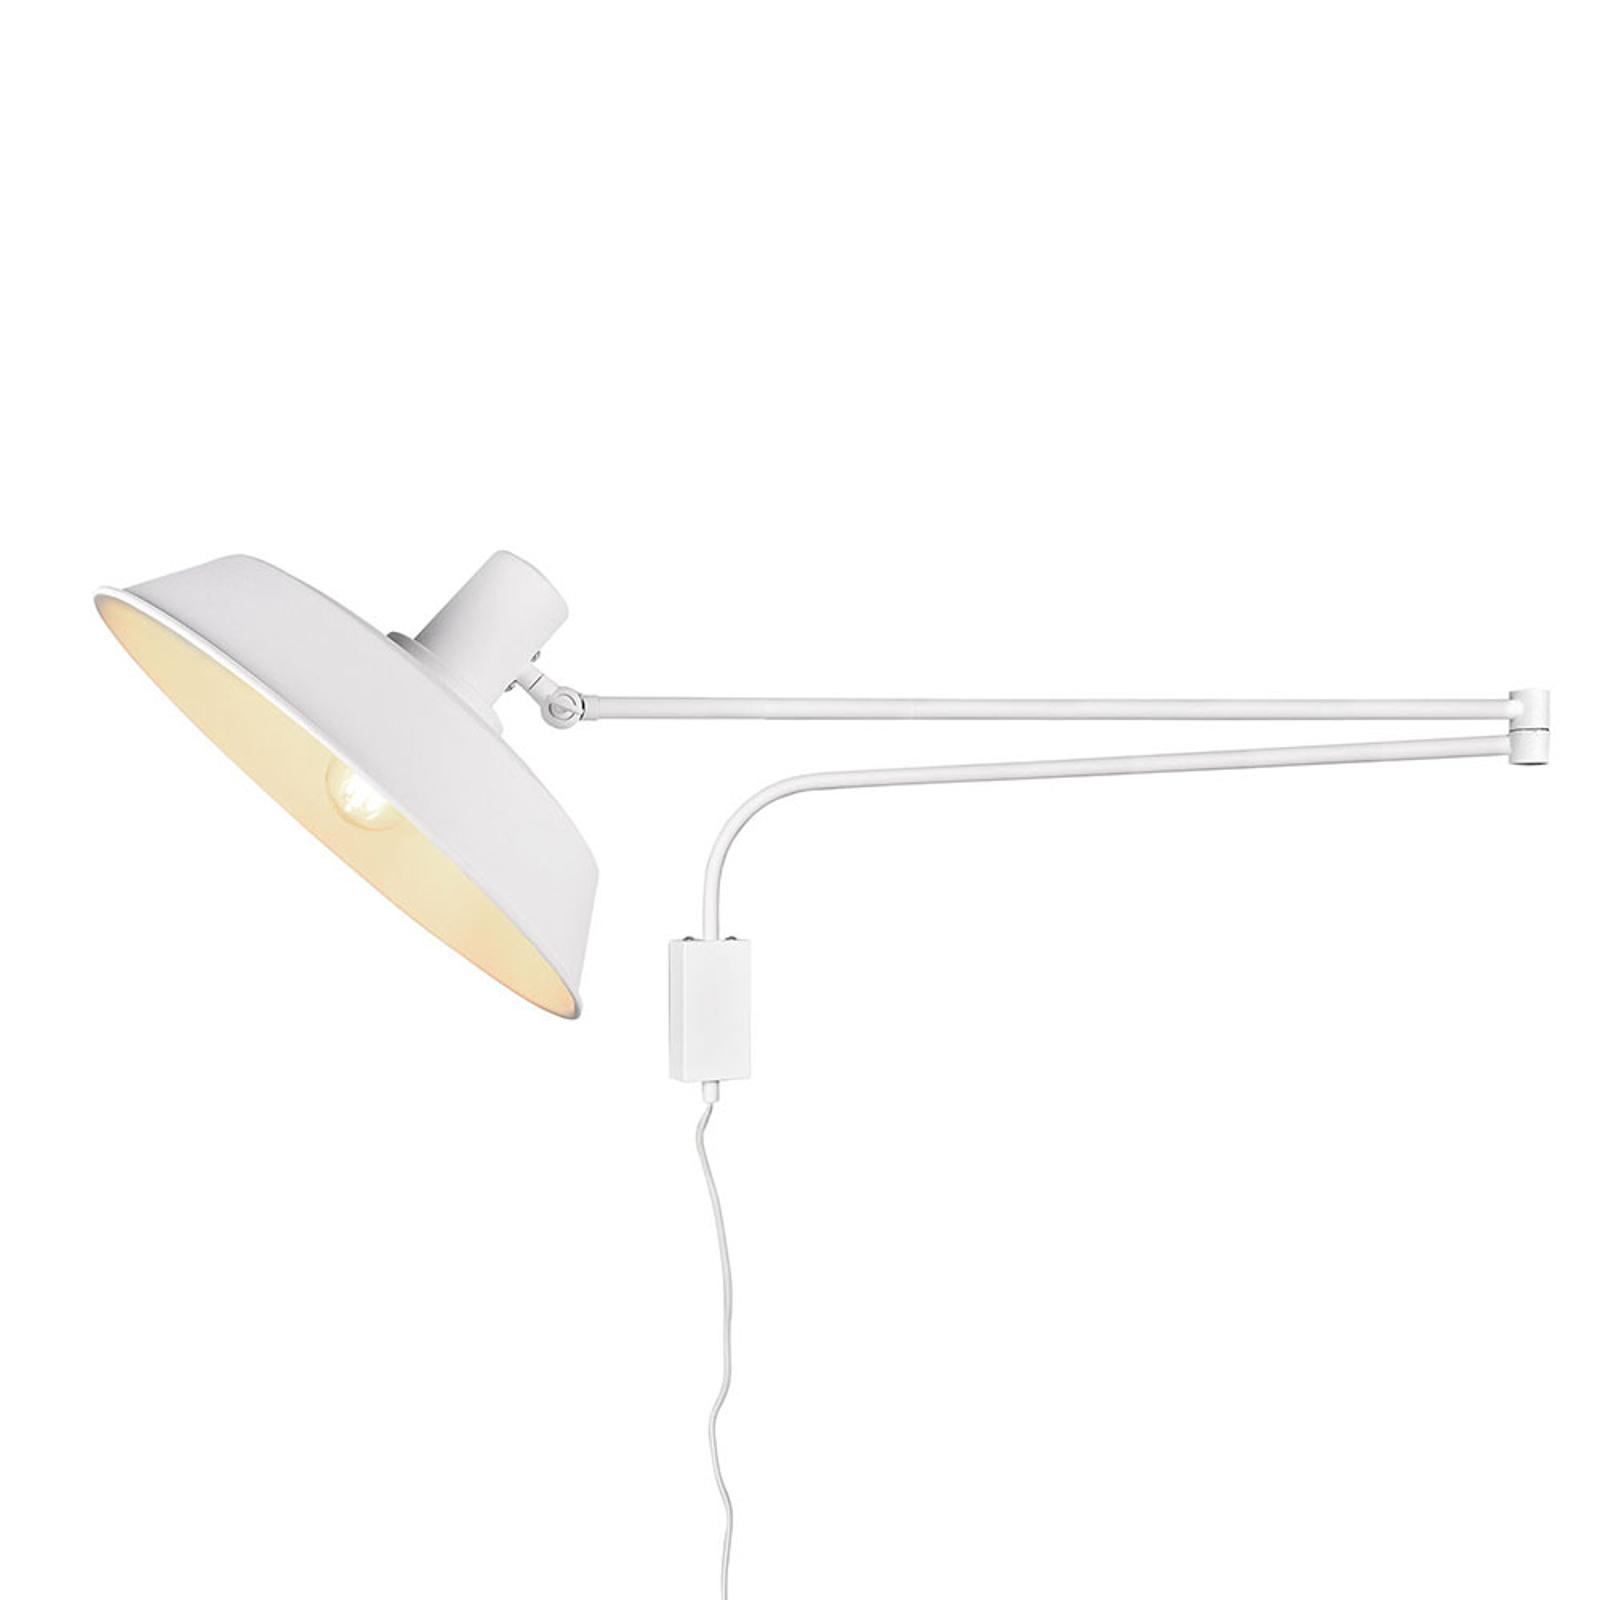 Wandleuchte Bolder, Kabel + Stecker, weiß matt